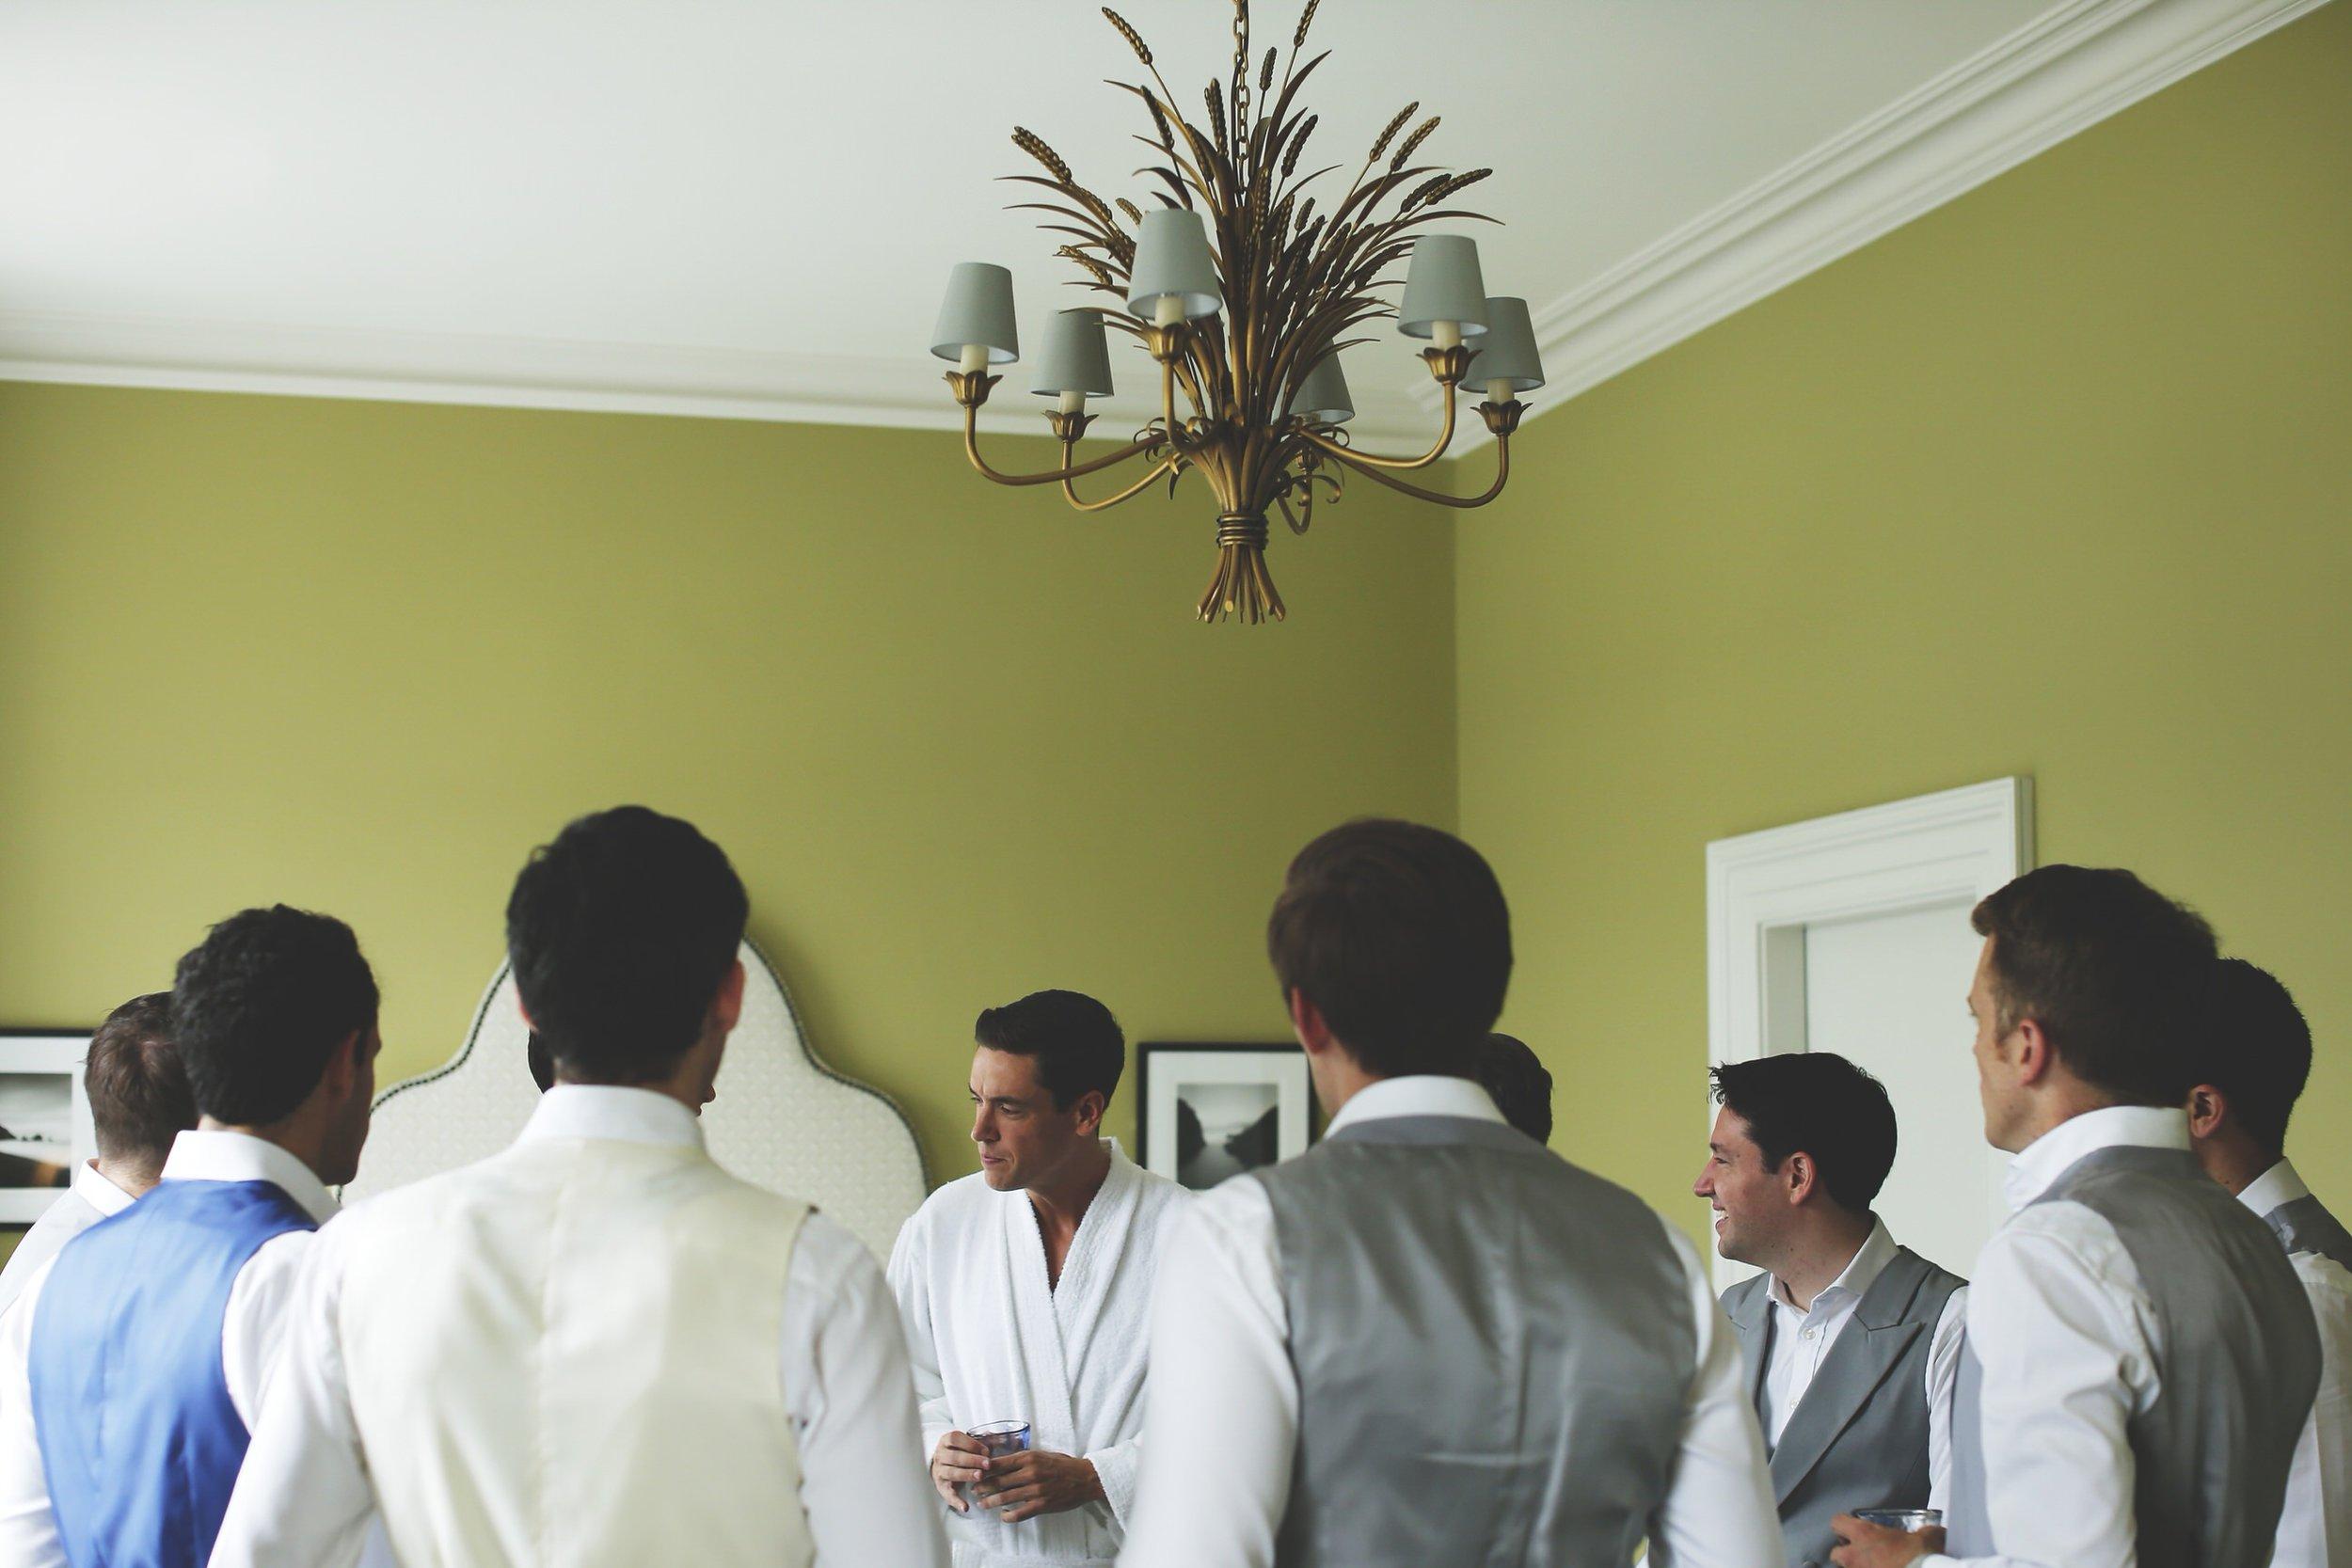 brettharkness-destination-wedding-photographer-ireland_0006.jpg